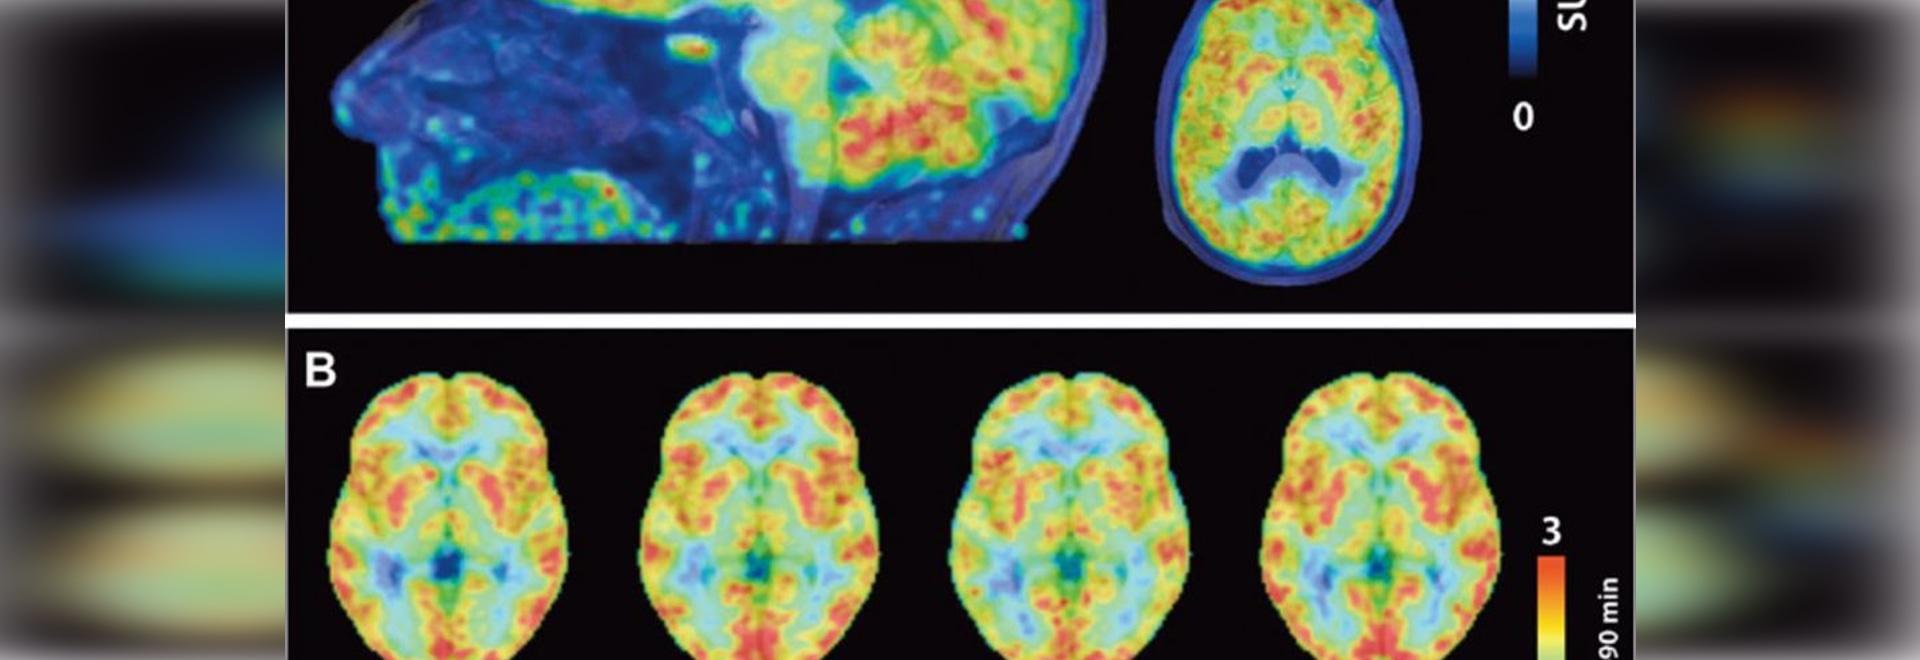 Las exploraciones del ANIMAL DOMÉSTICO revelan los cerebros de las mujeres aparecen 3 años más joven que los hombres